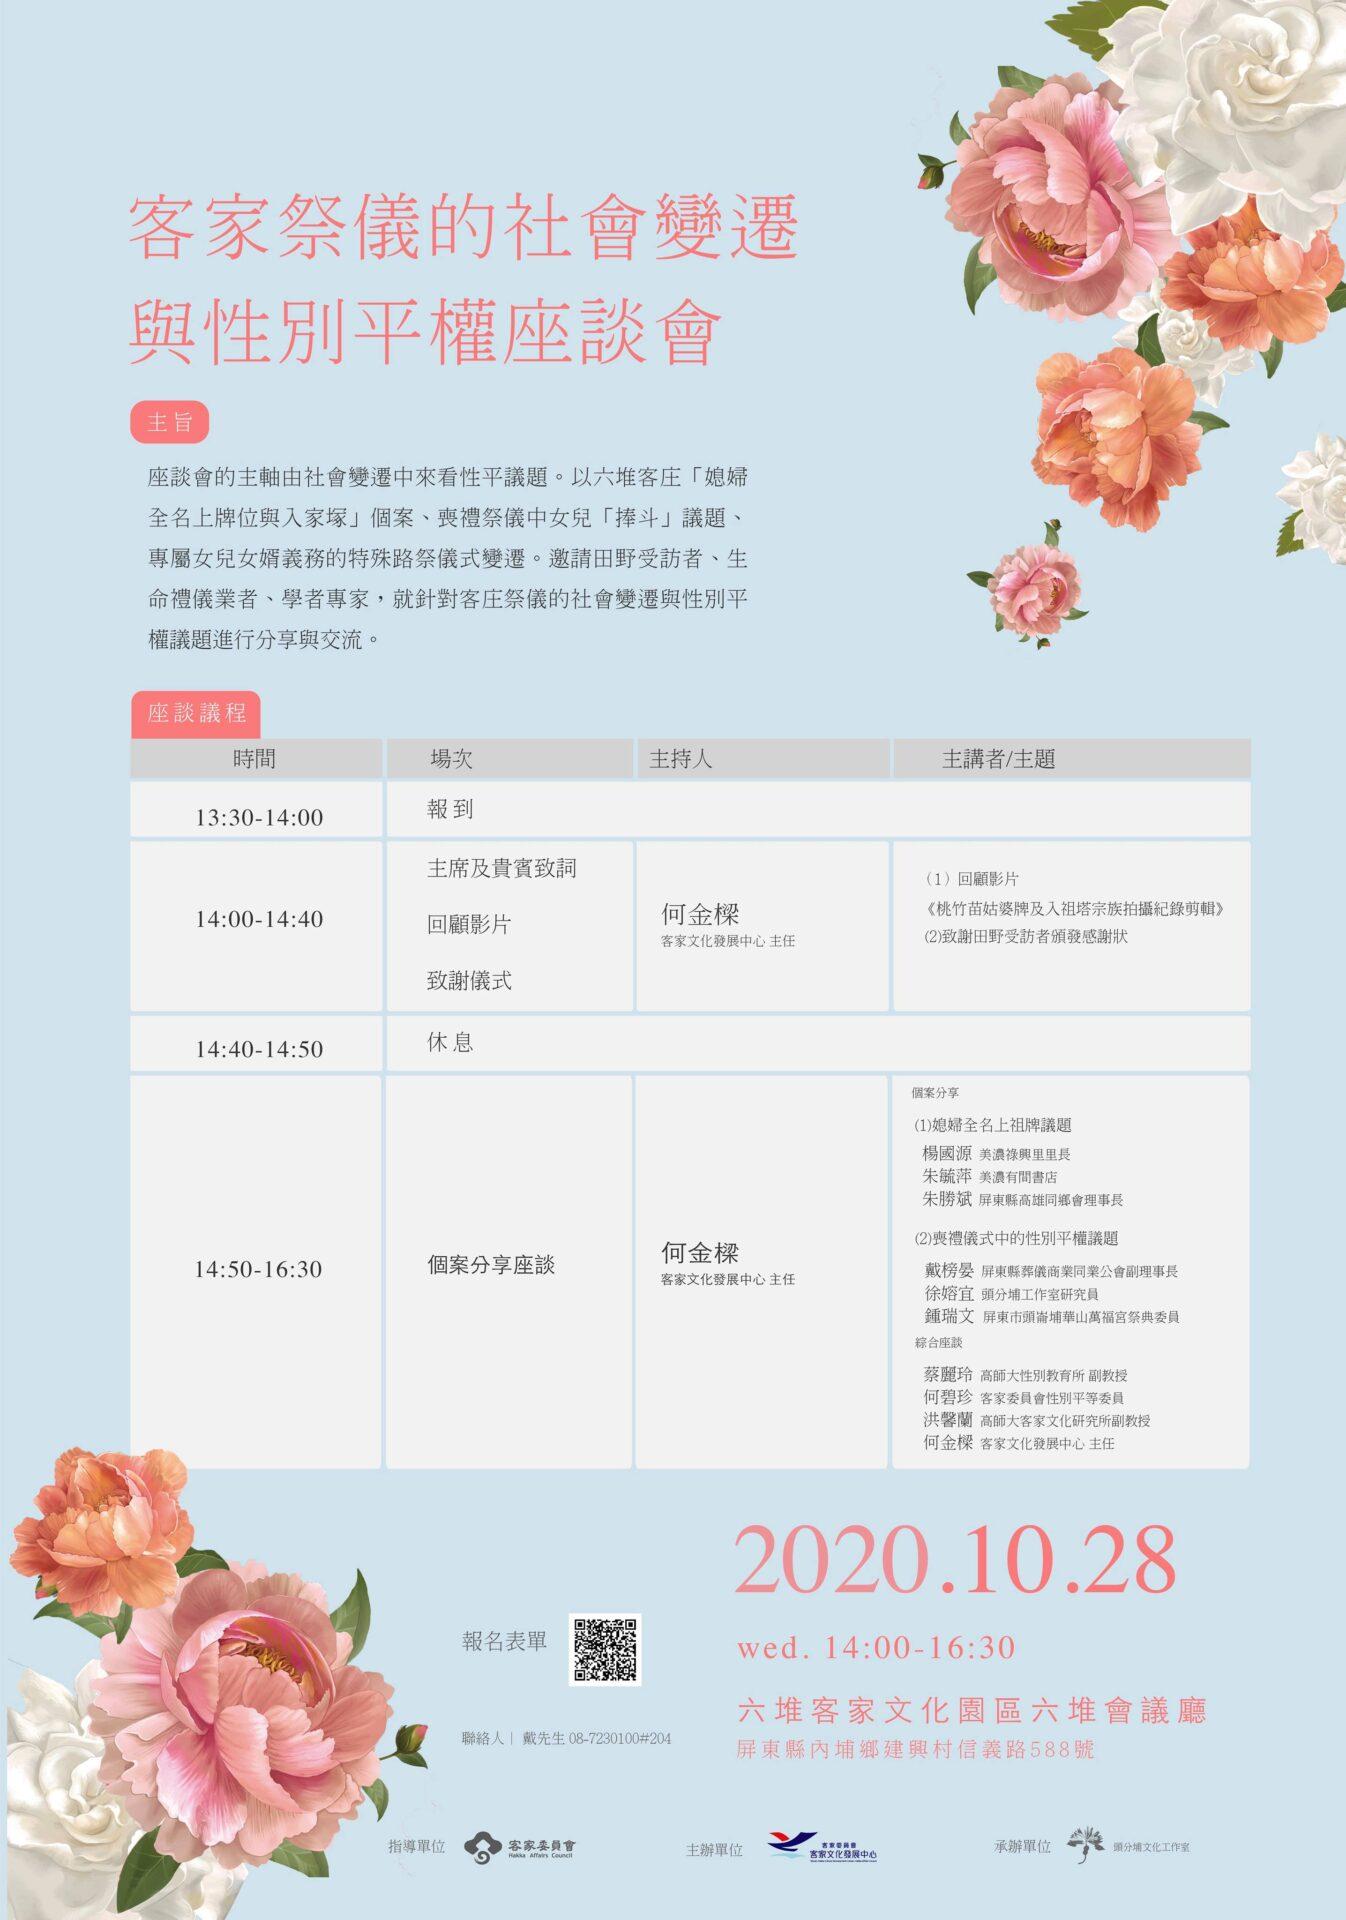 客家委員會客家文化發展中心:2020/10/28【客家祭儀的社會變遷與性別平權座談會】